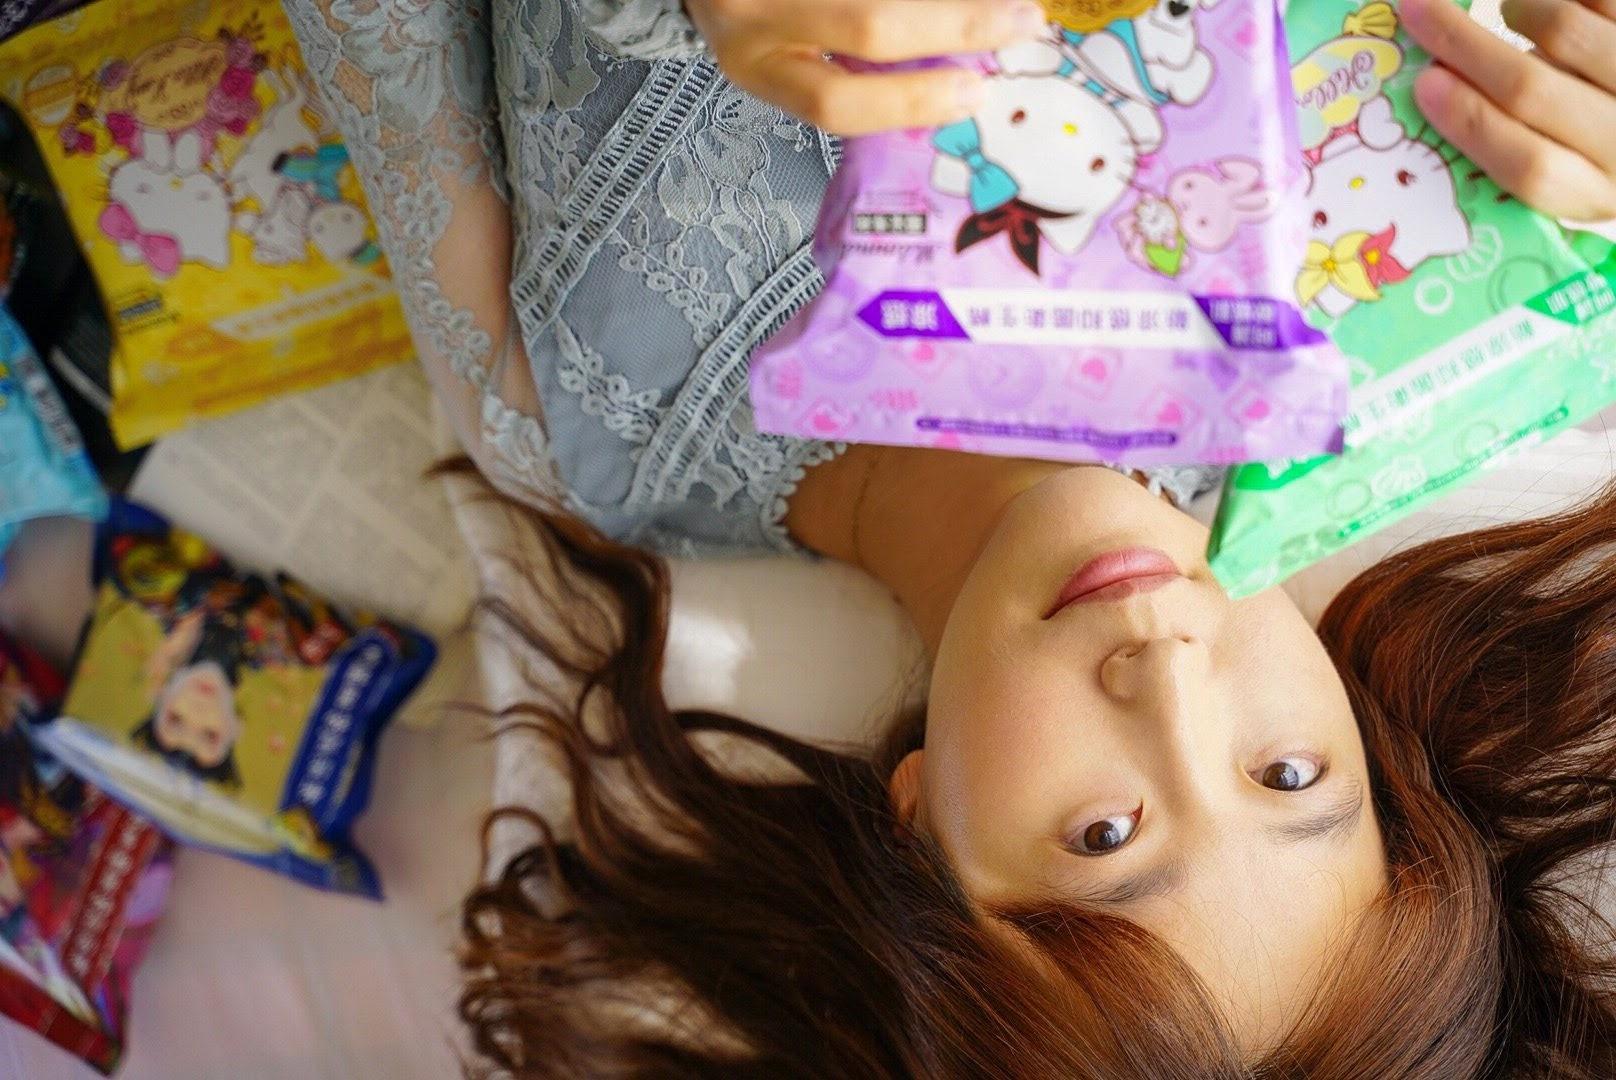 【新品開箱】Her護妳  Hello Kitty/後宮系列涼感衛生棉 第三代升級上市